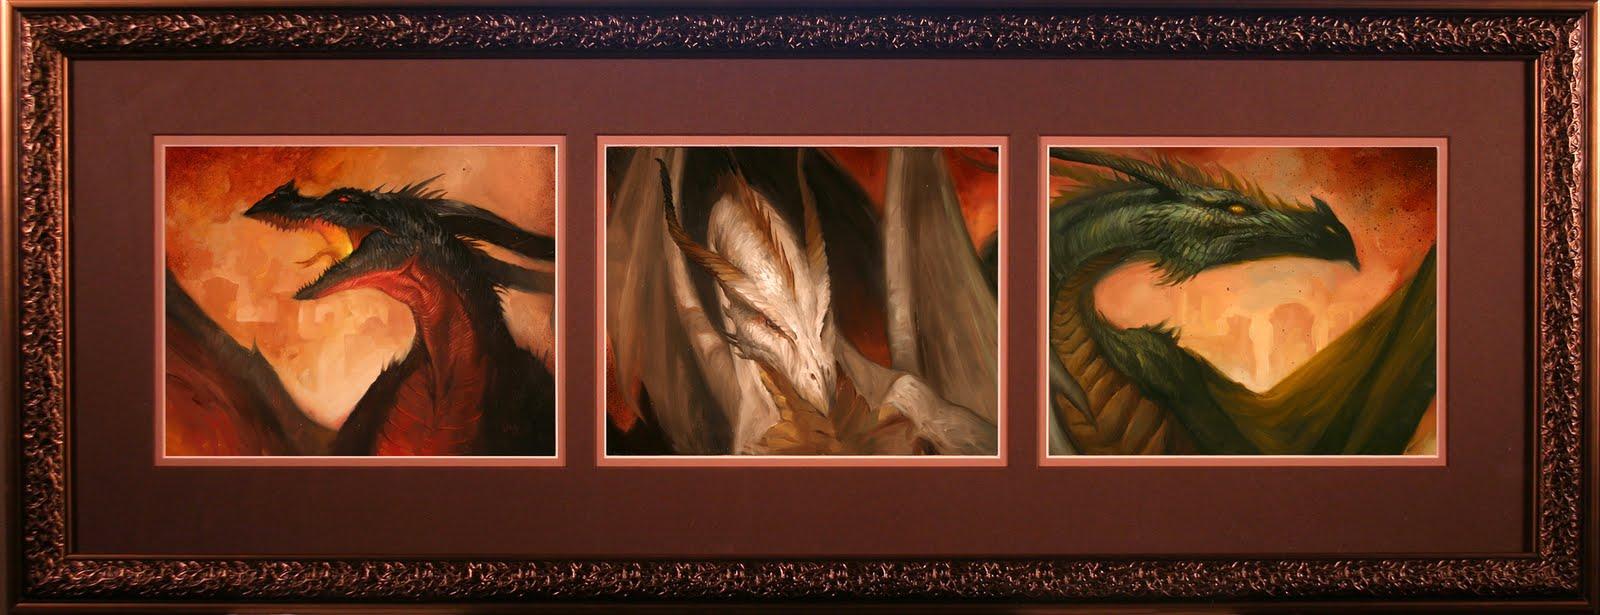 Les rêveries d'un Gnome - Page 2 Final_Framed